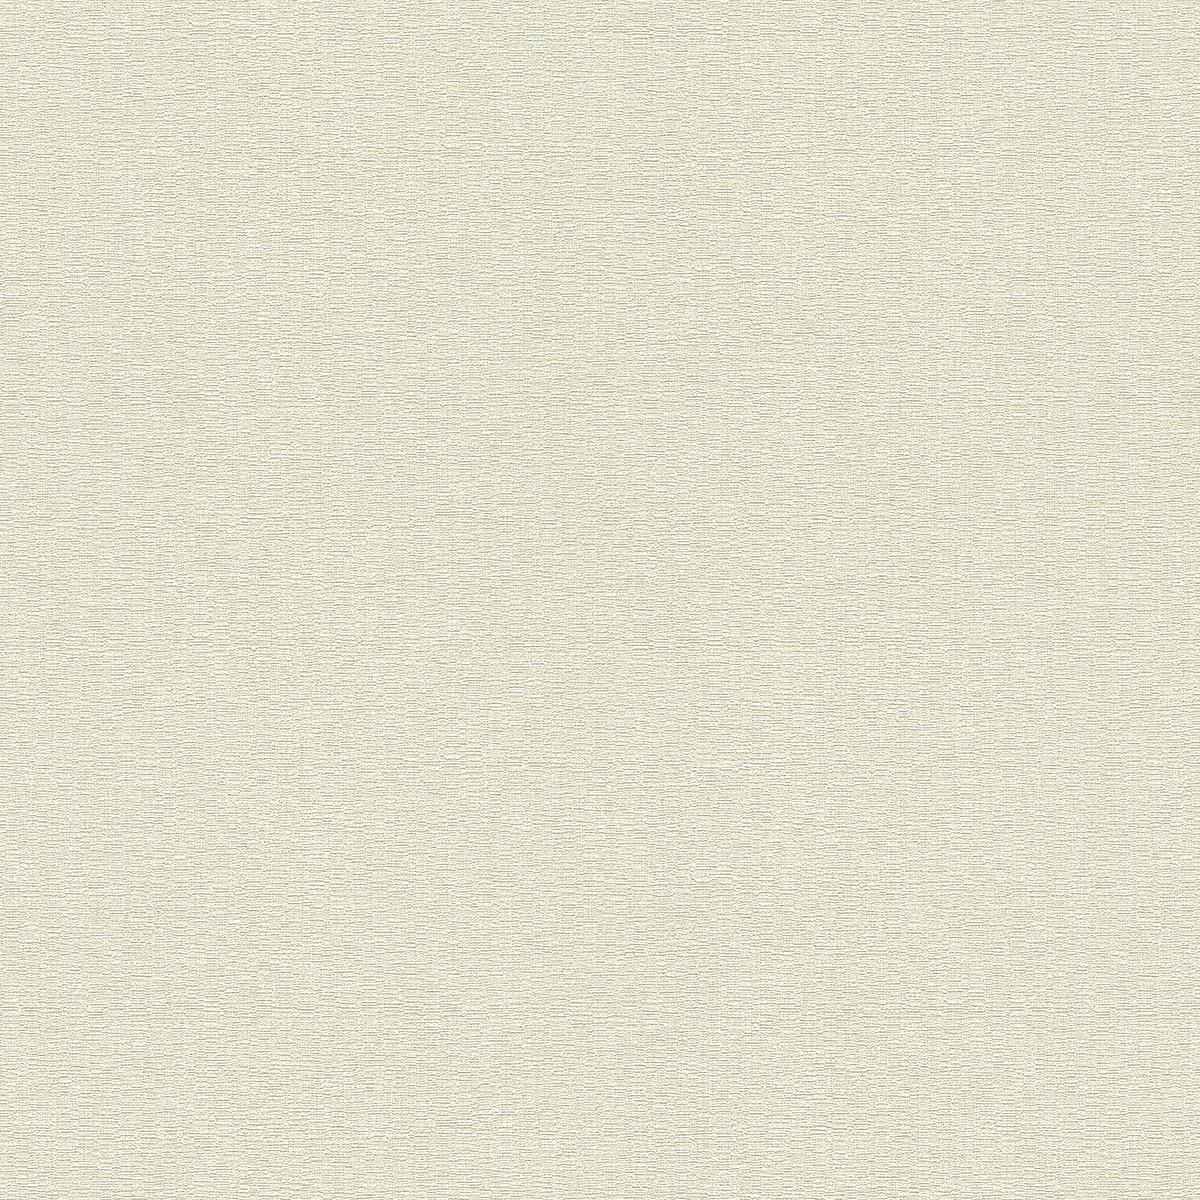 Обои флизелиновые Rasch Maximum XIII бежевые 1.06 м 936605